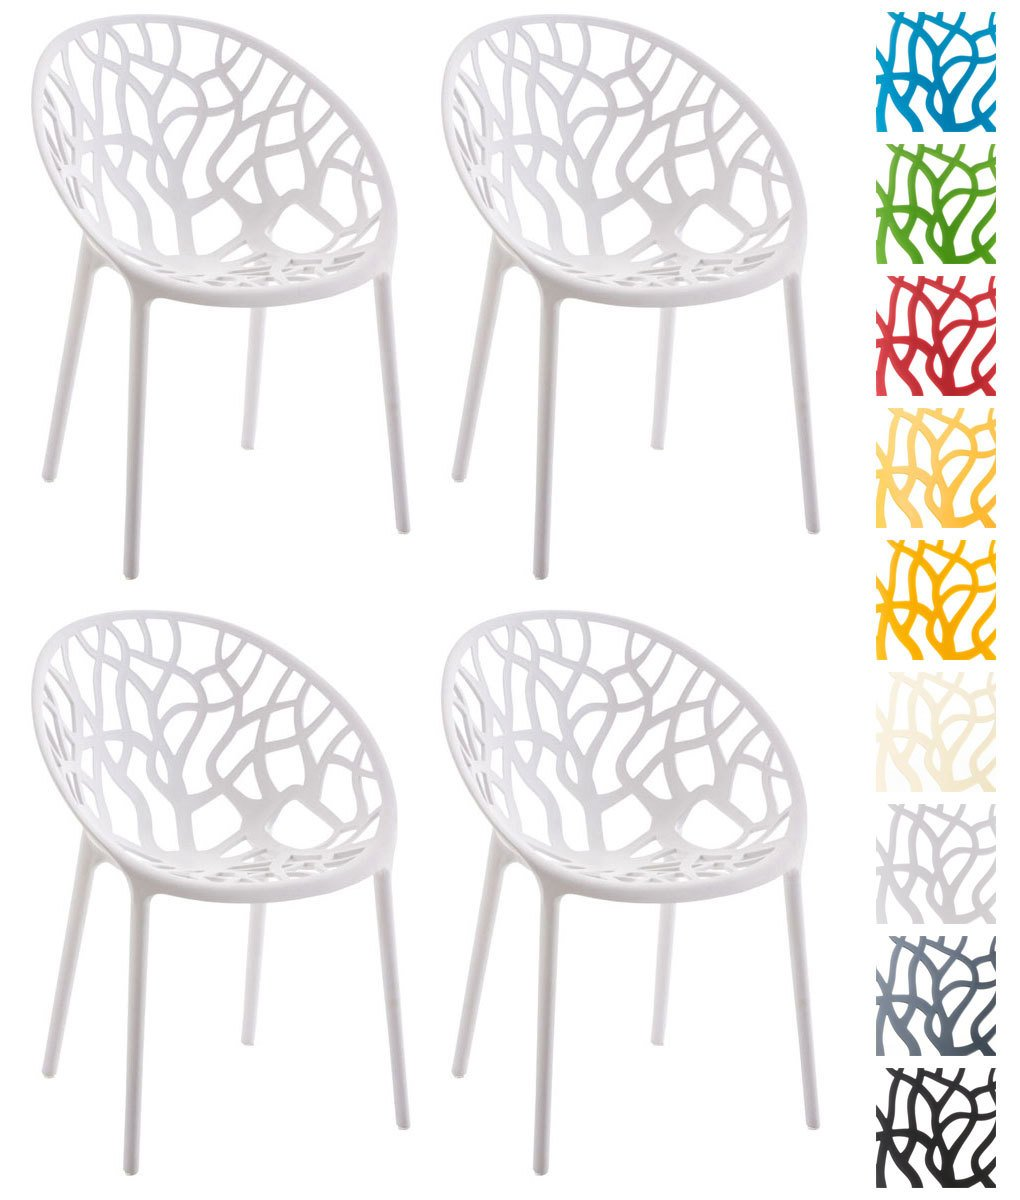 Clp 4er Set Design Gartenstuhl Hope Aus Kunststoff I 4x